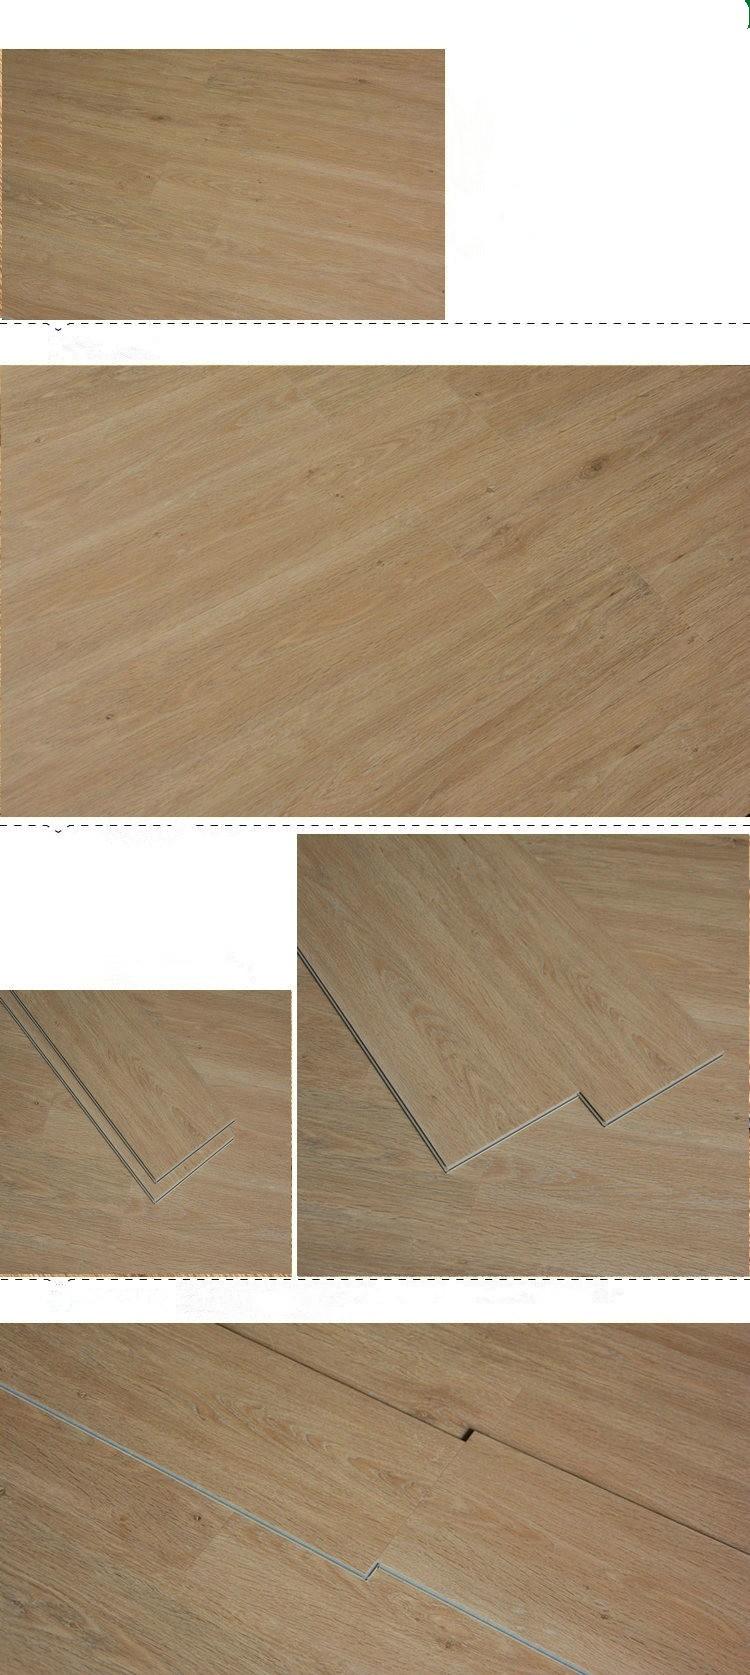 Pvc Waterproof Flooring : Commercial waterproof click pvc vinyl floor covering buy